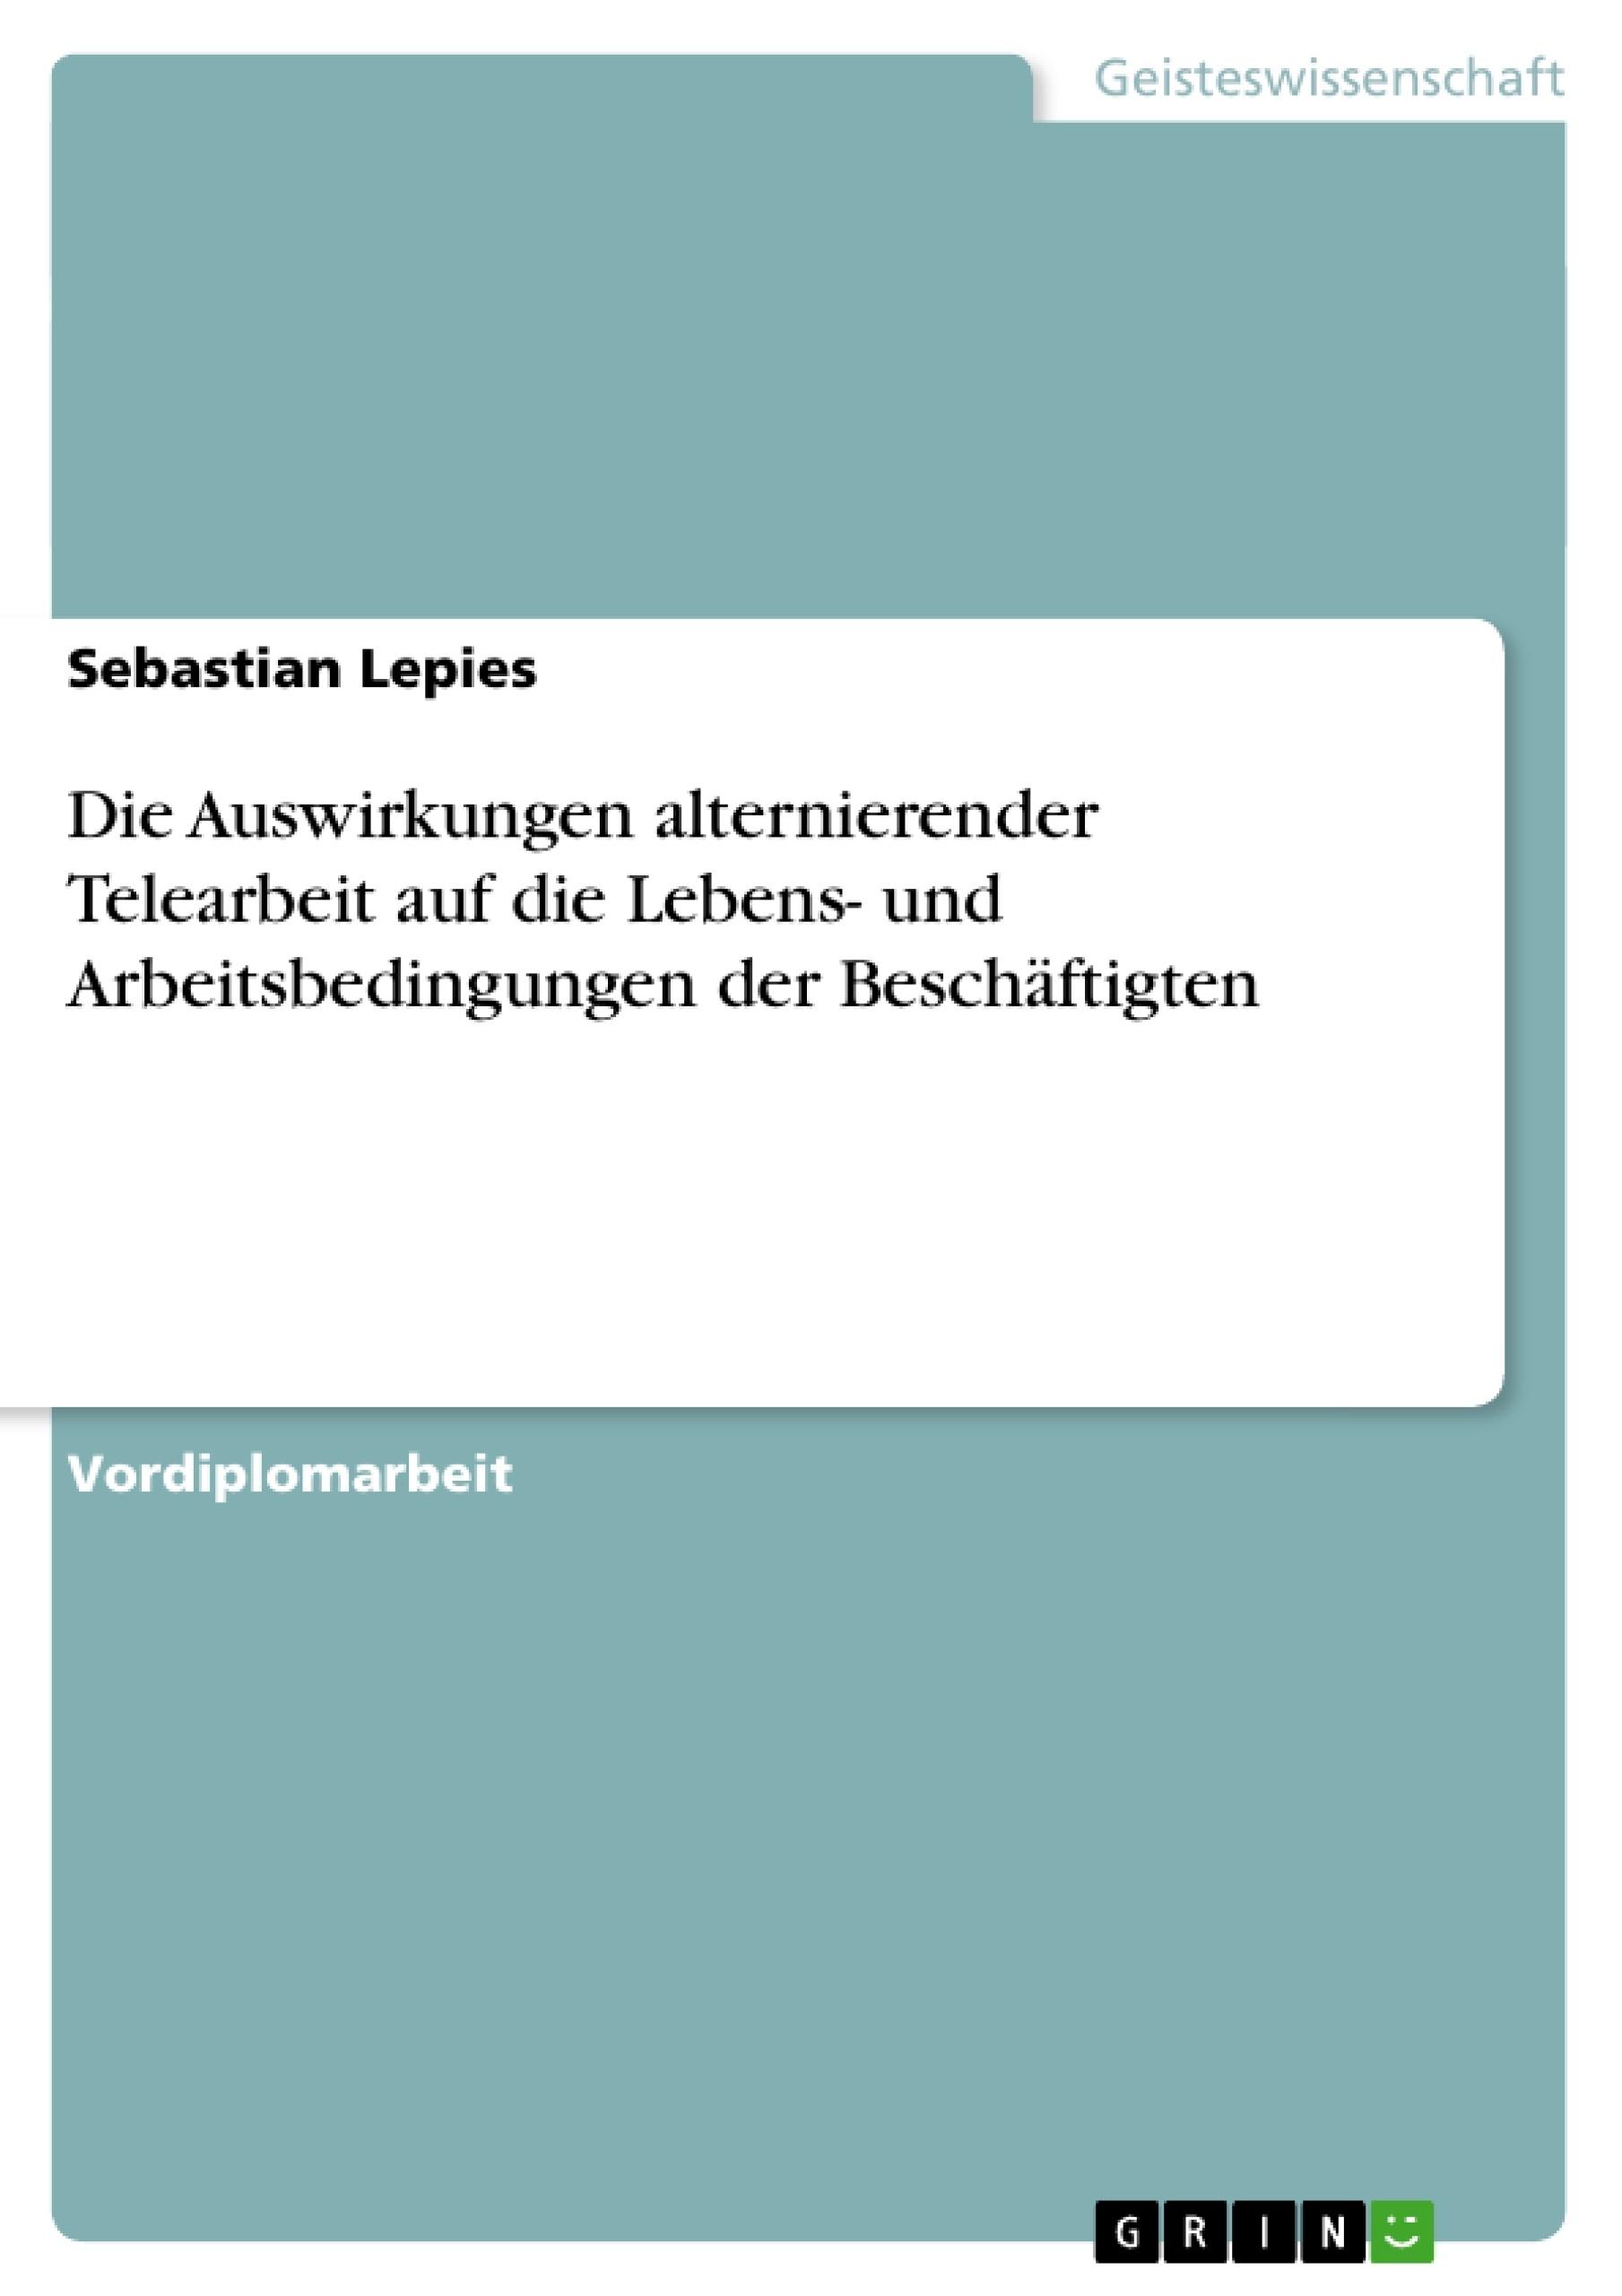 Titel: Die Auswirkungen alternierender Telearbeit auf die Lebens- und Arbeitsbedingungen der Beschäftigten